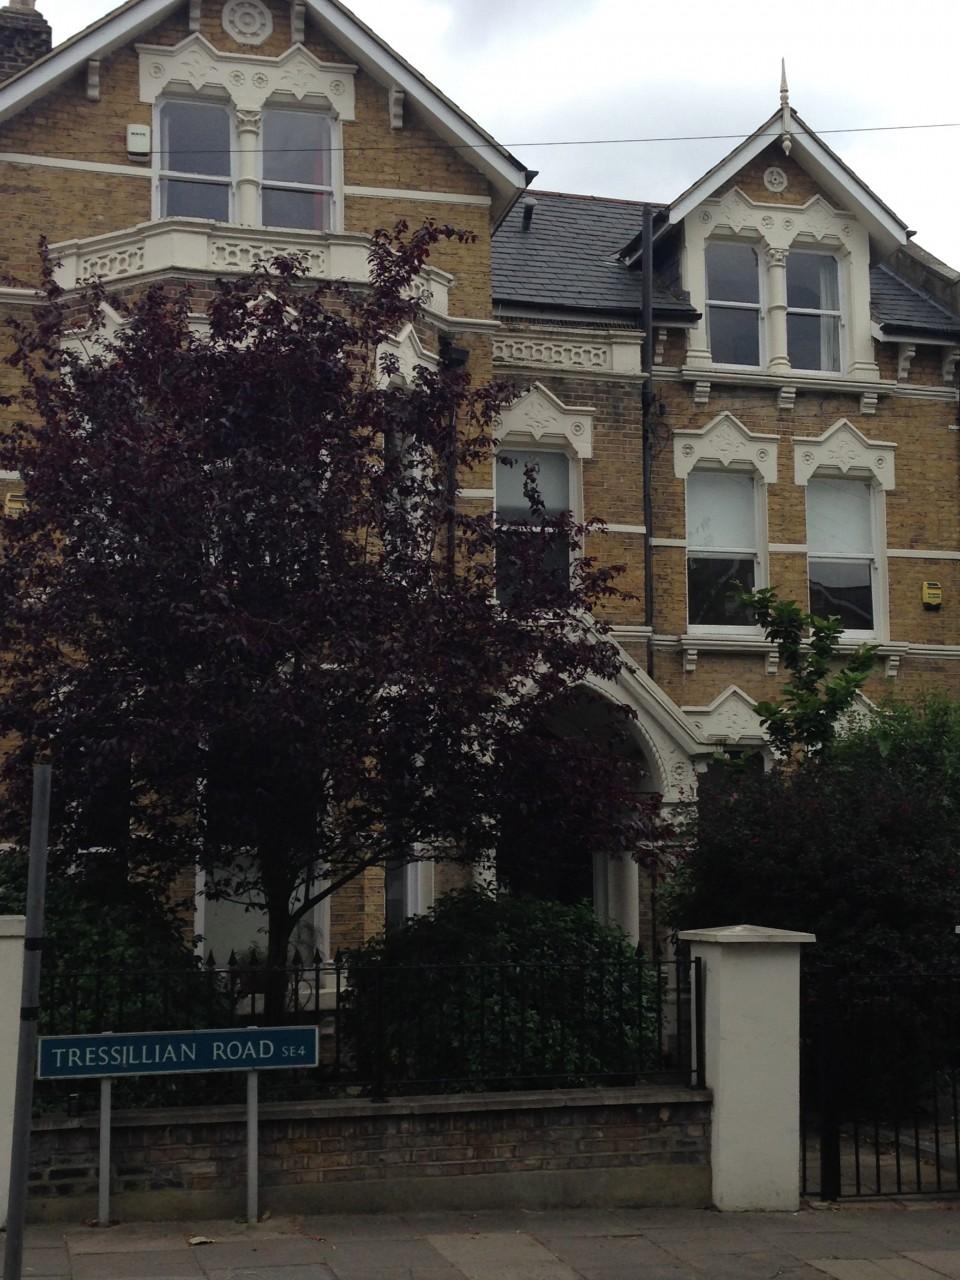 High Spec Recently Refurbished Victorian 1 Bedroom Flat In Brockley  Zone 2